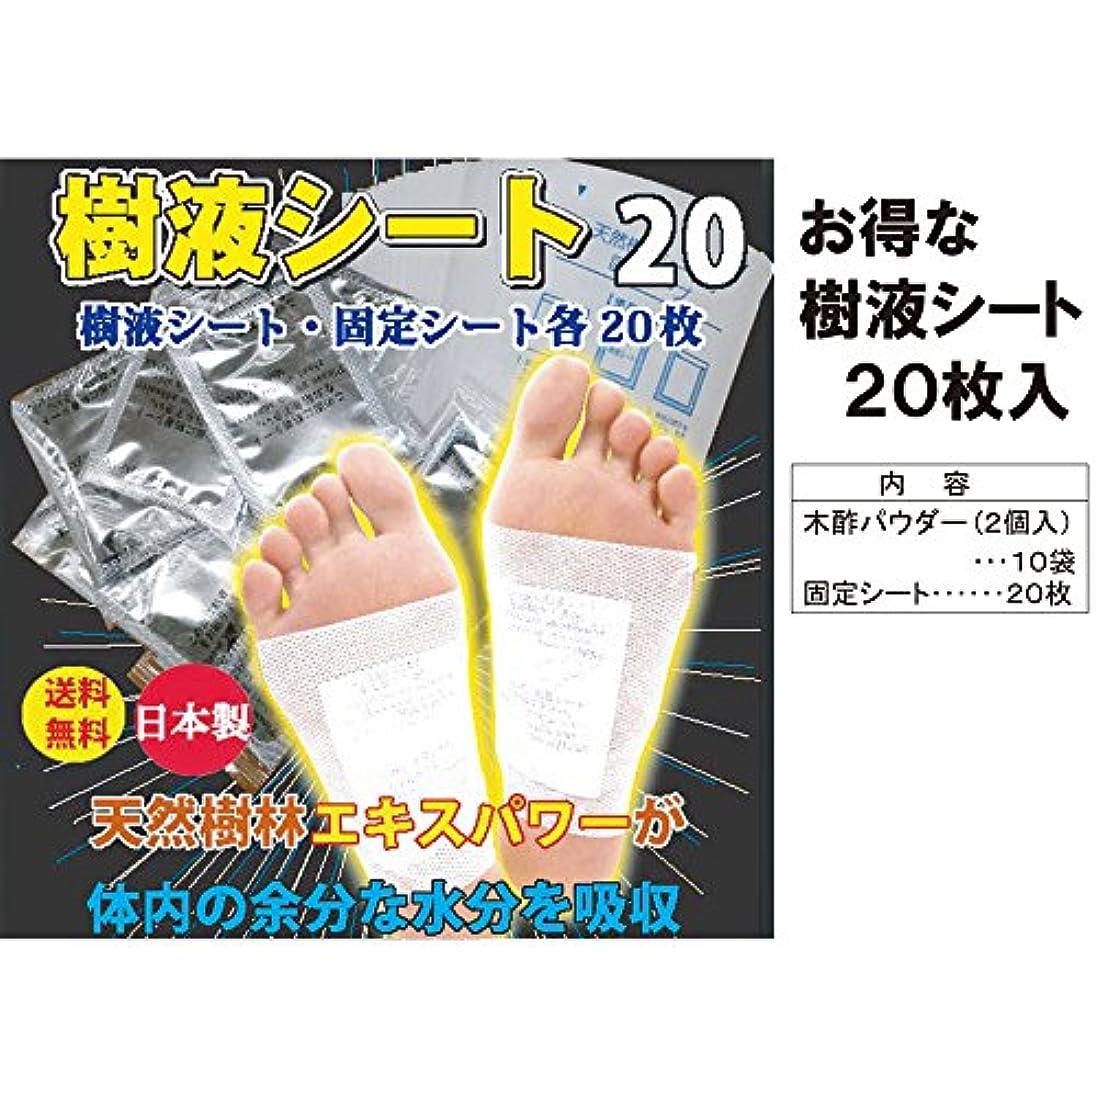 私達入力中でM&Sジャパン 日本製 足裏樹液シート 20枚 足裏 シート デトックス お徳用 健康 グッズ 足ツボ